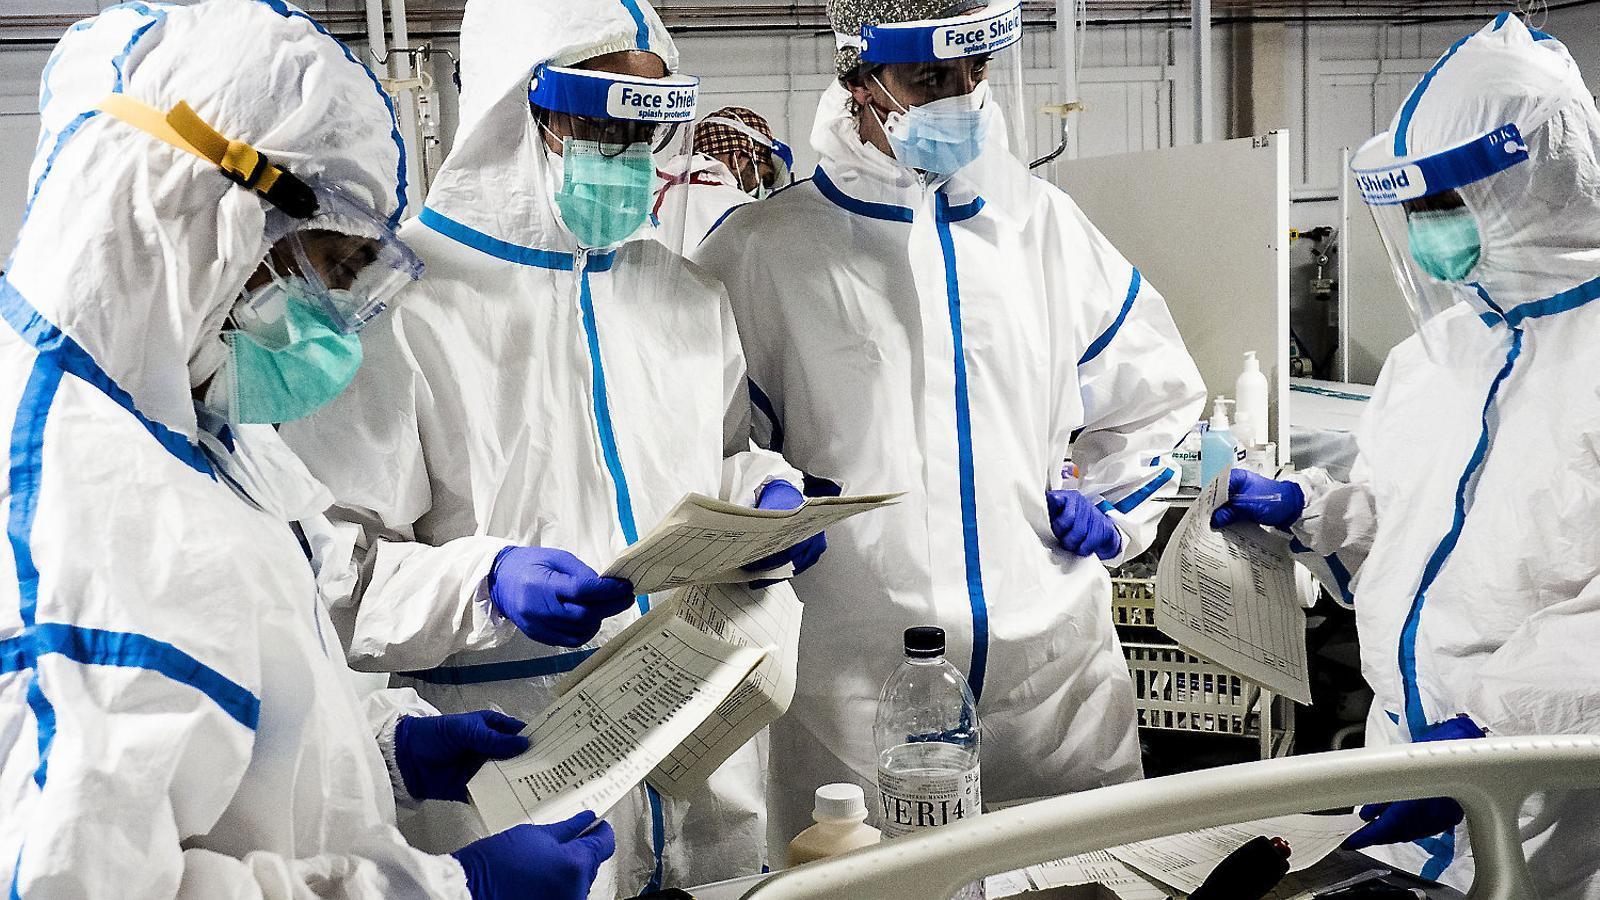 Sanitat registra 84 contagis nous en les últimes 24 h a l'Estat i segueix sense sumar cap víctima mortal